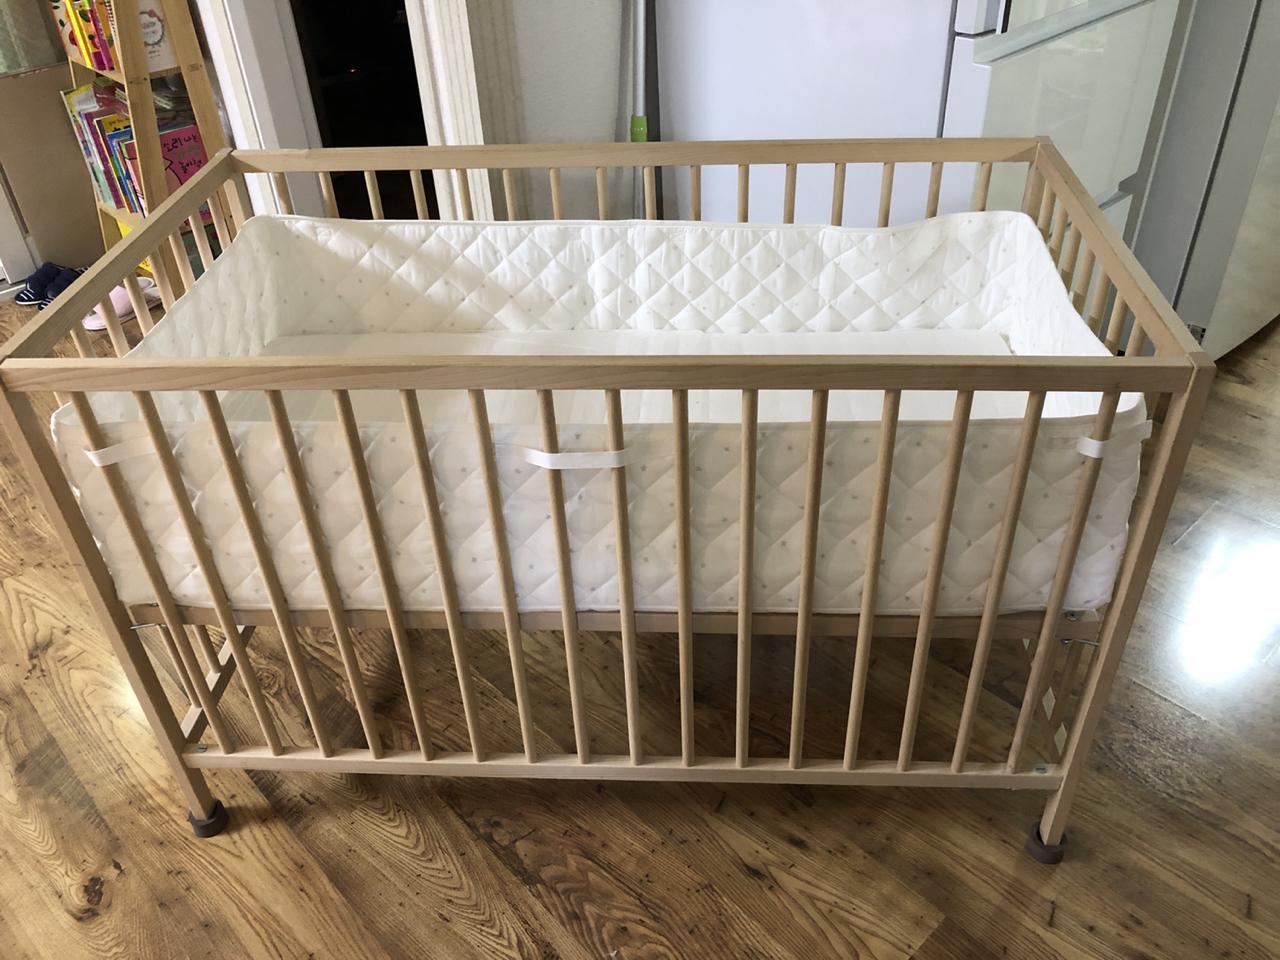 이케아 아기침대 원목 아기침대 스니글라르